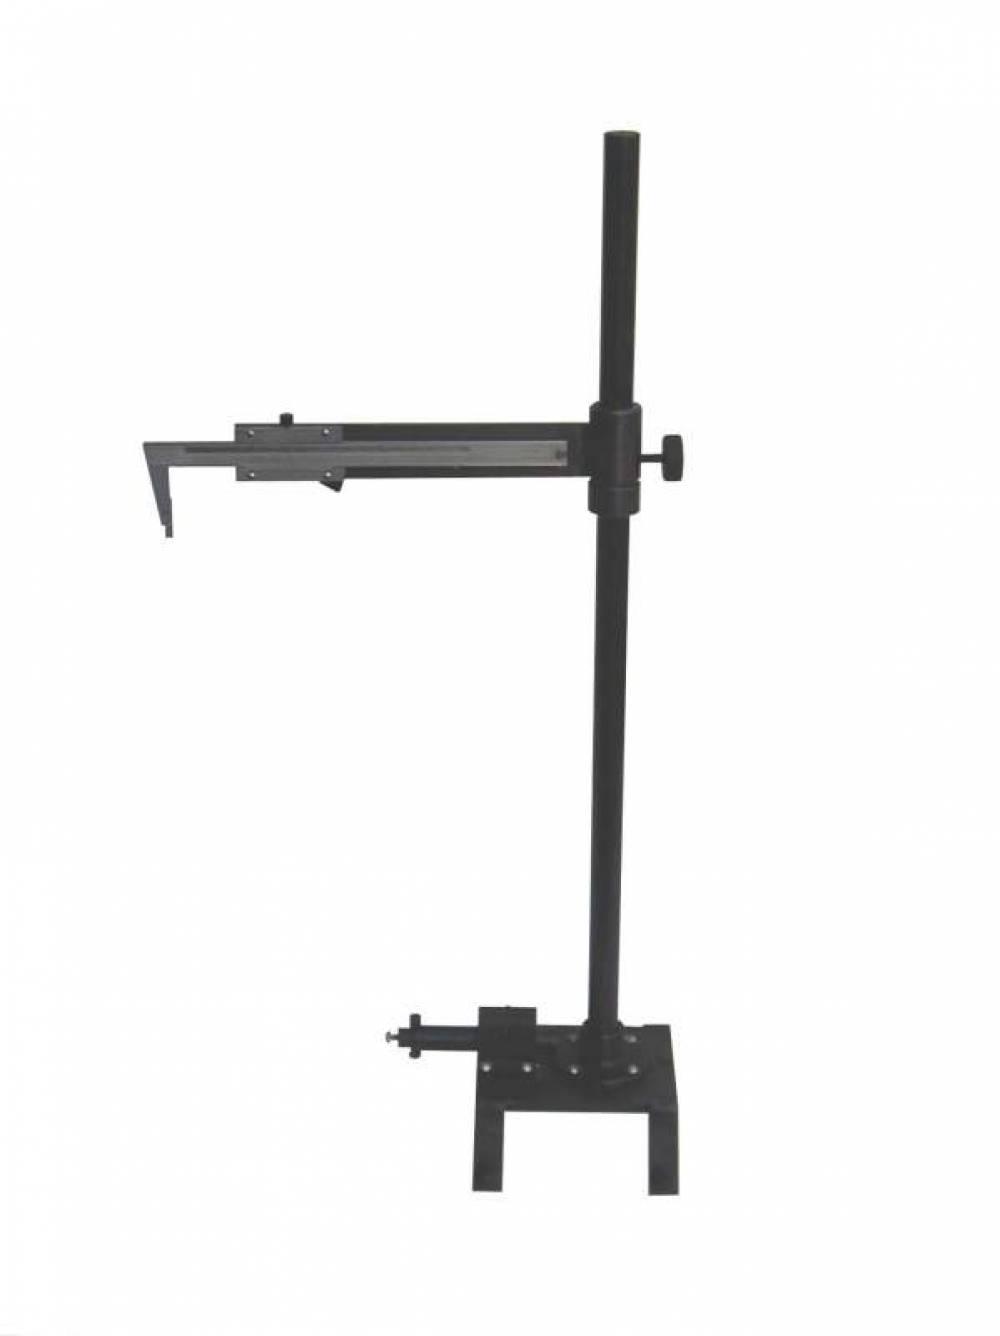 Стойка контрольная галтель-бандаж СК-300-480 (контроля расстояния от галтели буксовой шейки до внутренней грани бандажа) для тепловоза ТЭП70